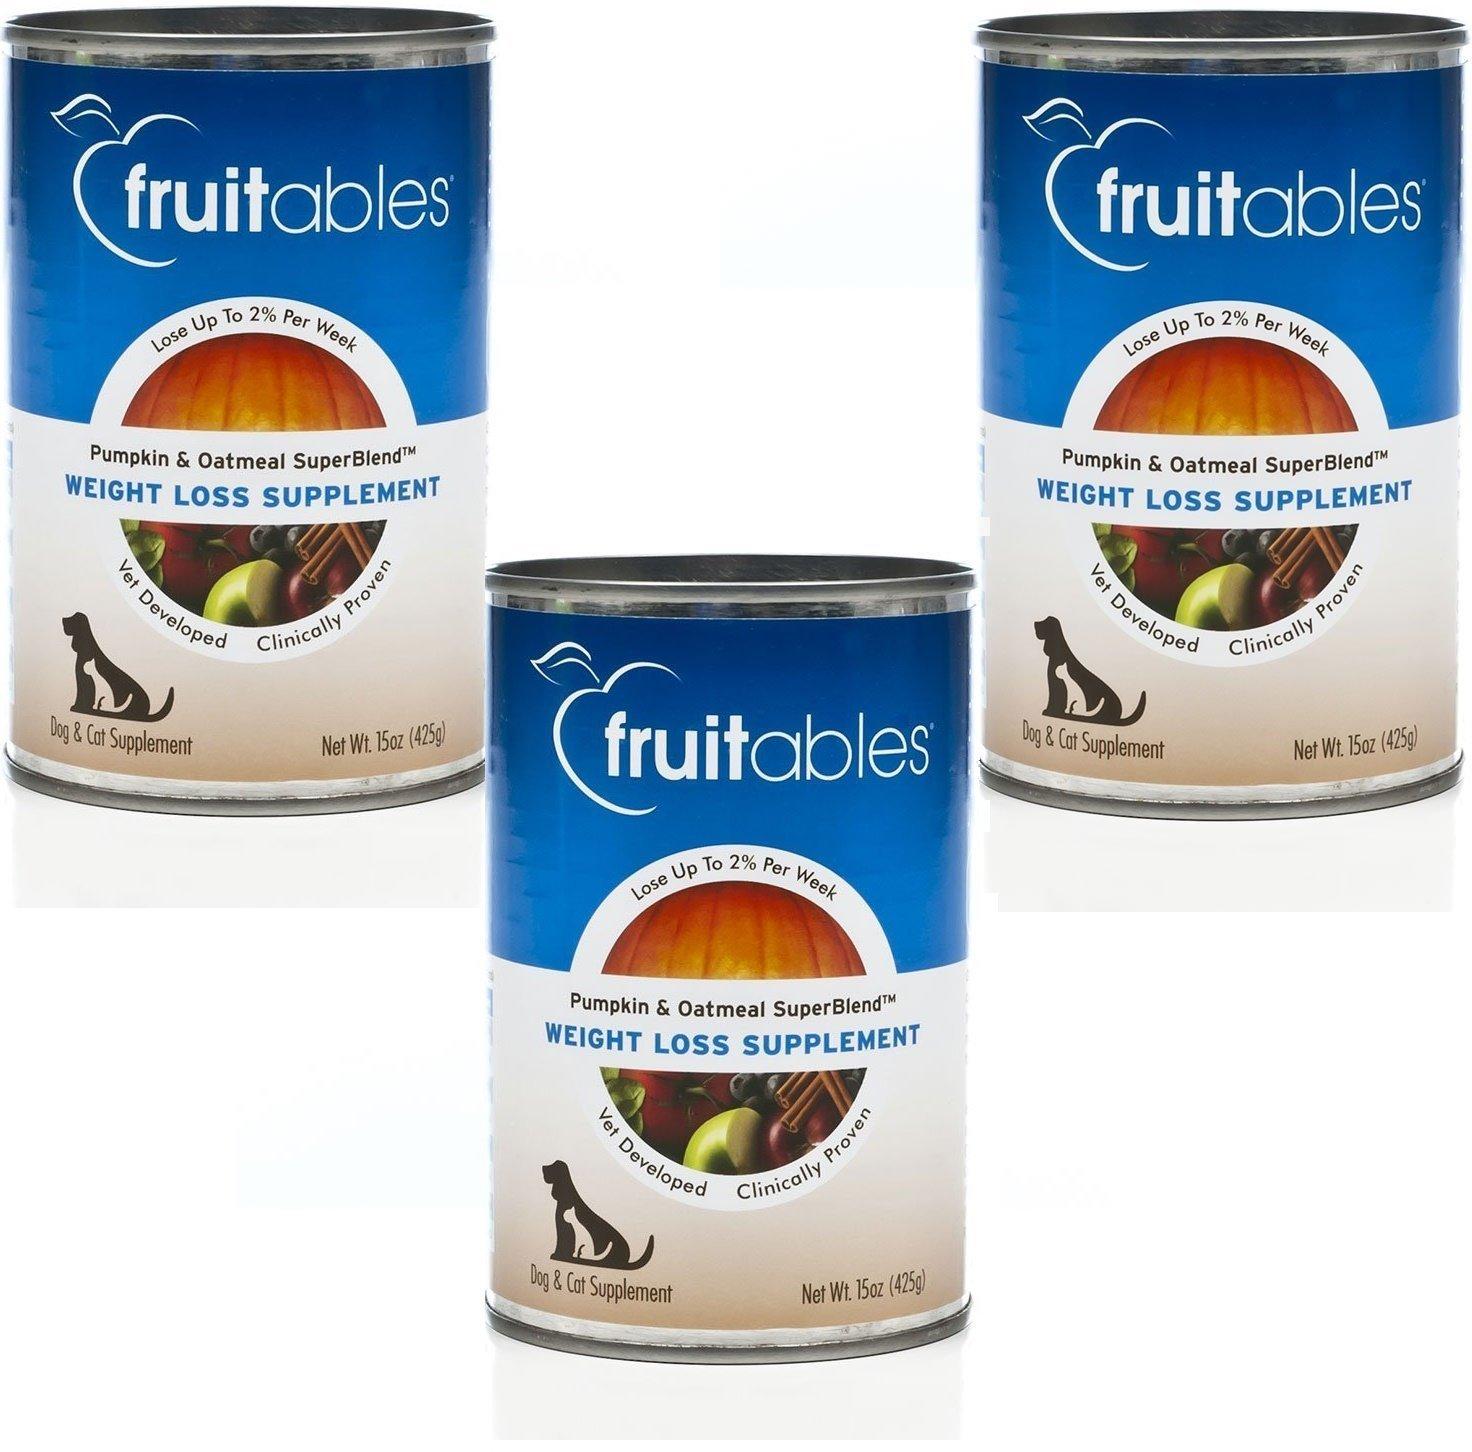 Fruitables Weight Loss Supplement – Pumpkin – 15 oz